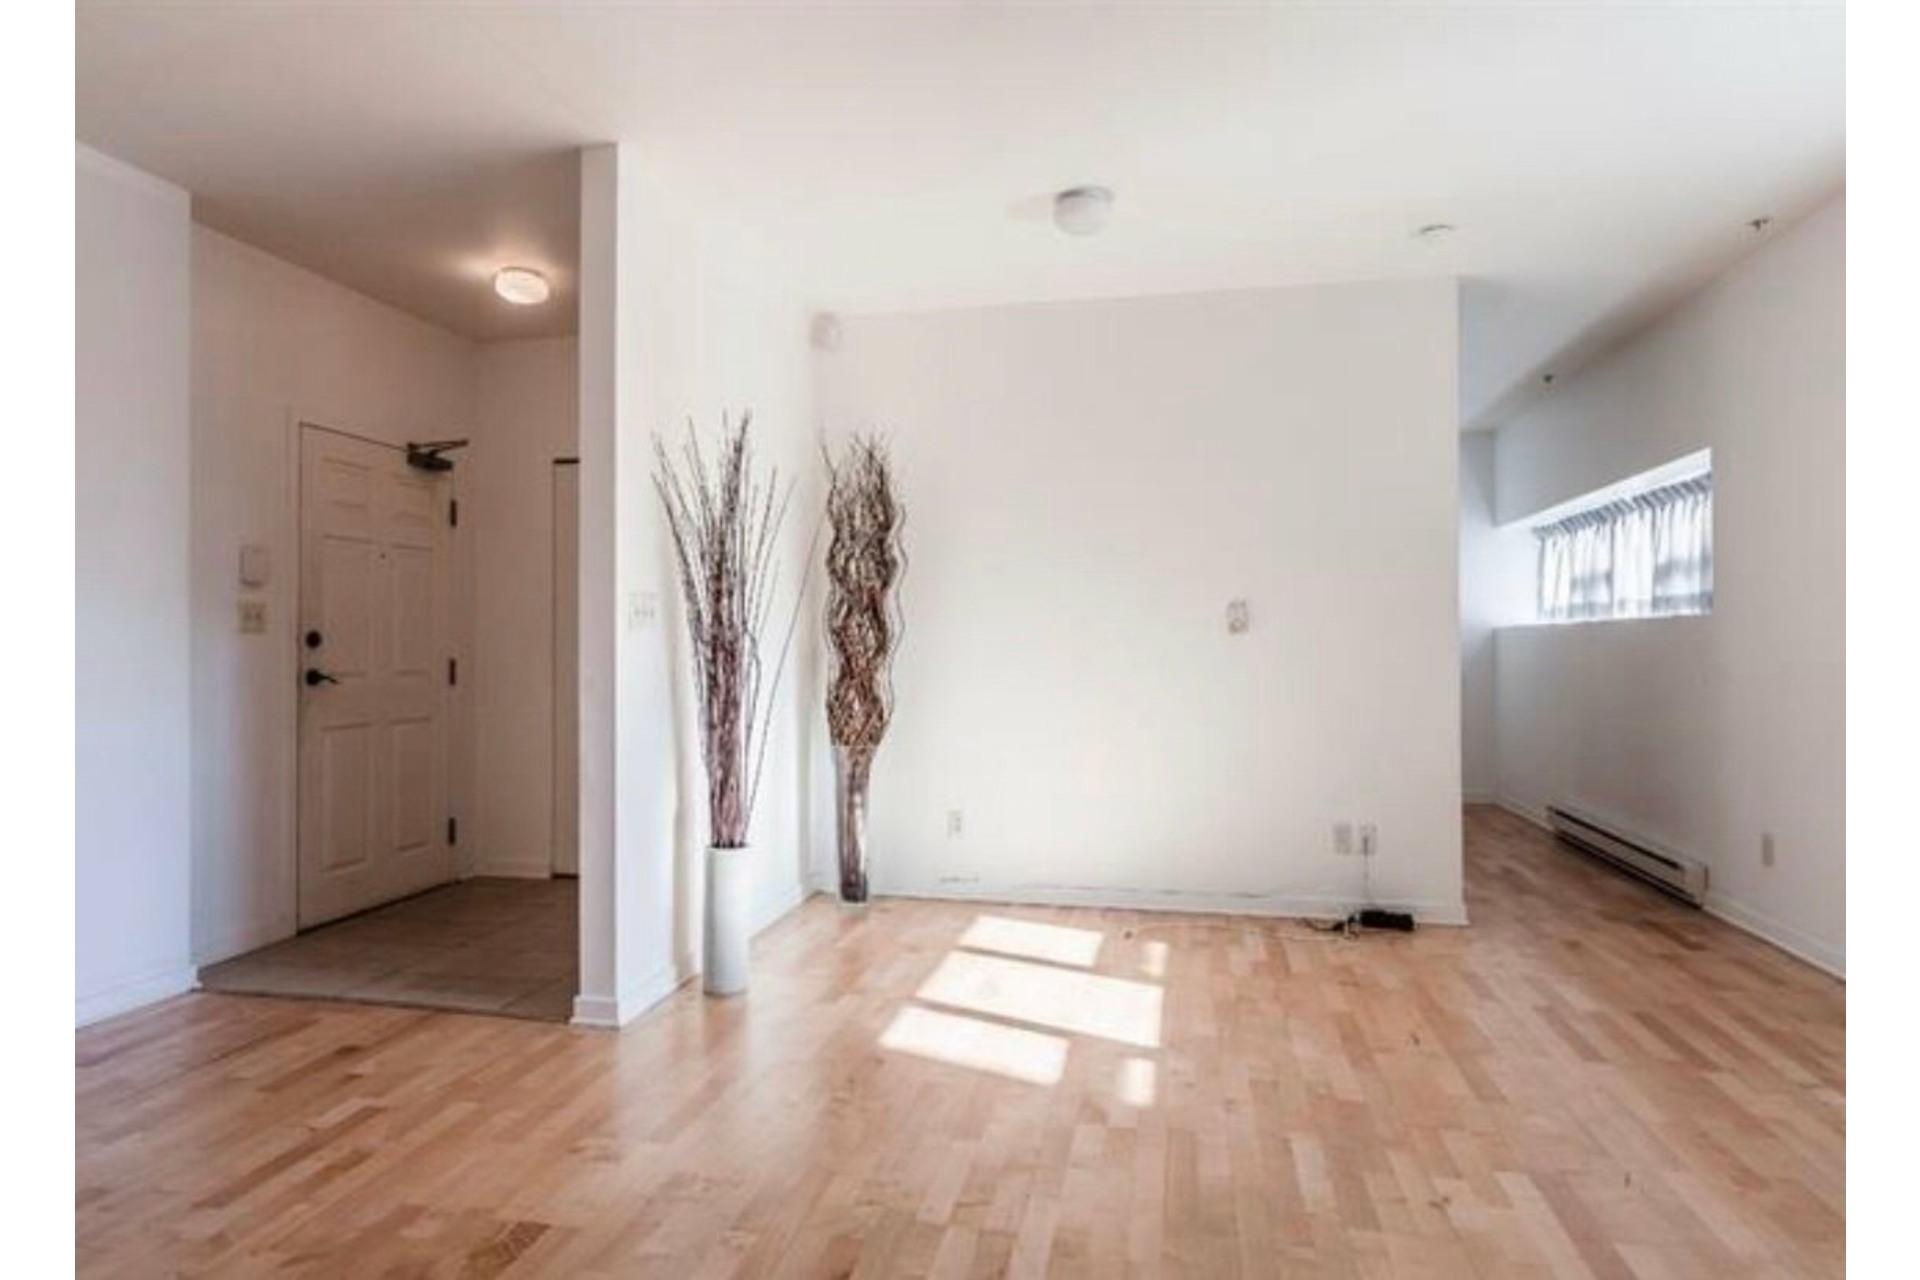 image 3 - Appartement À vendre Côte-des-Neiges/Notre-Dame-de-Grâce Montréal  - 6 pièces